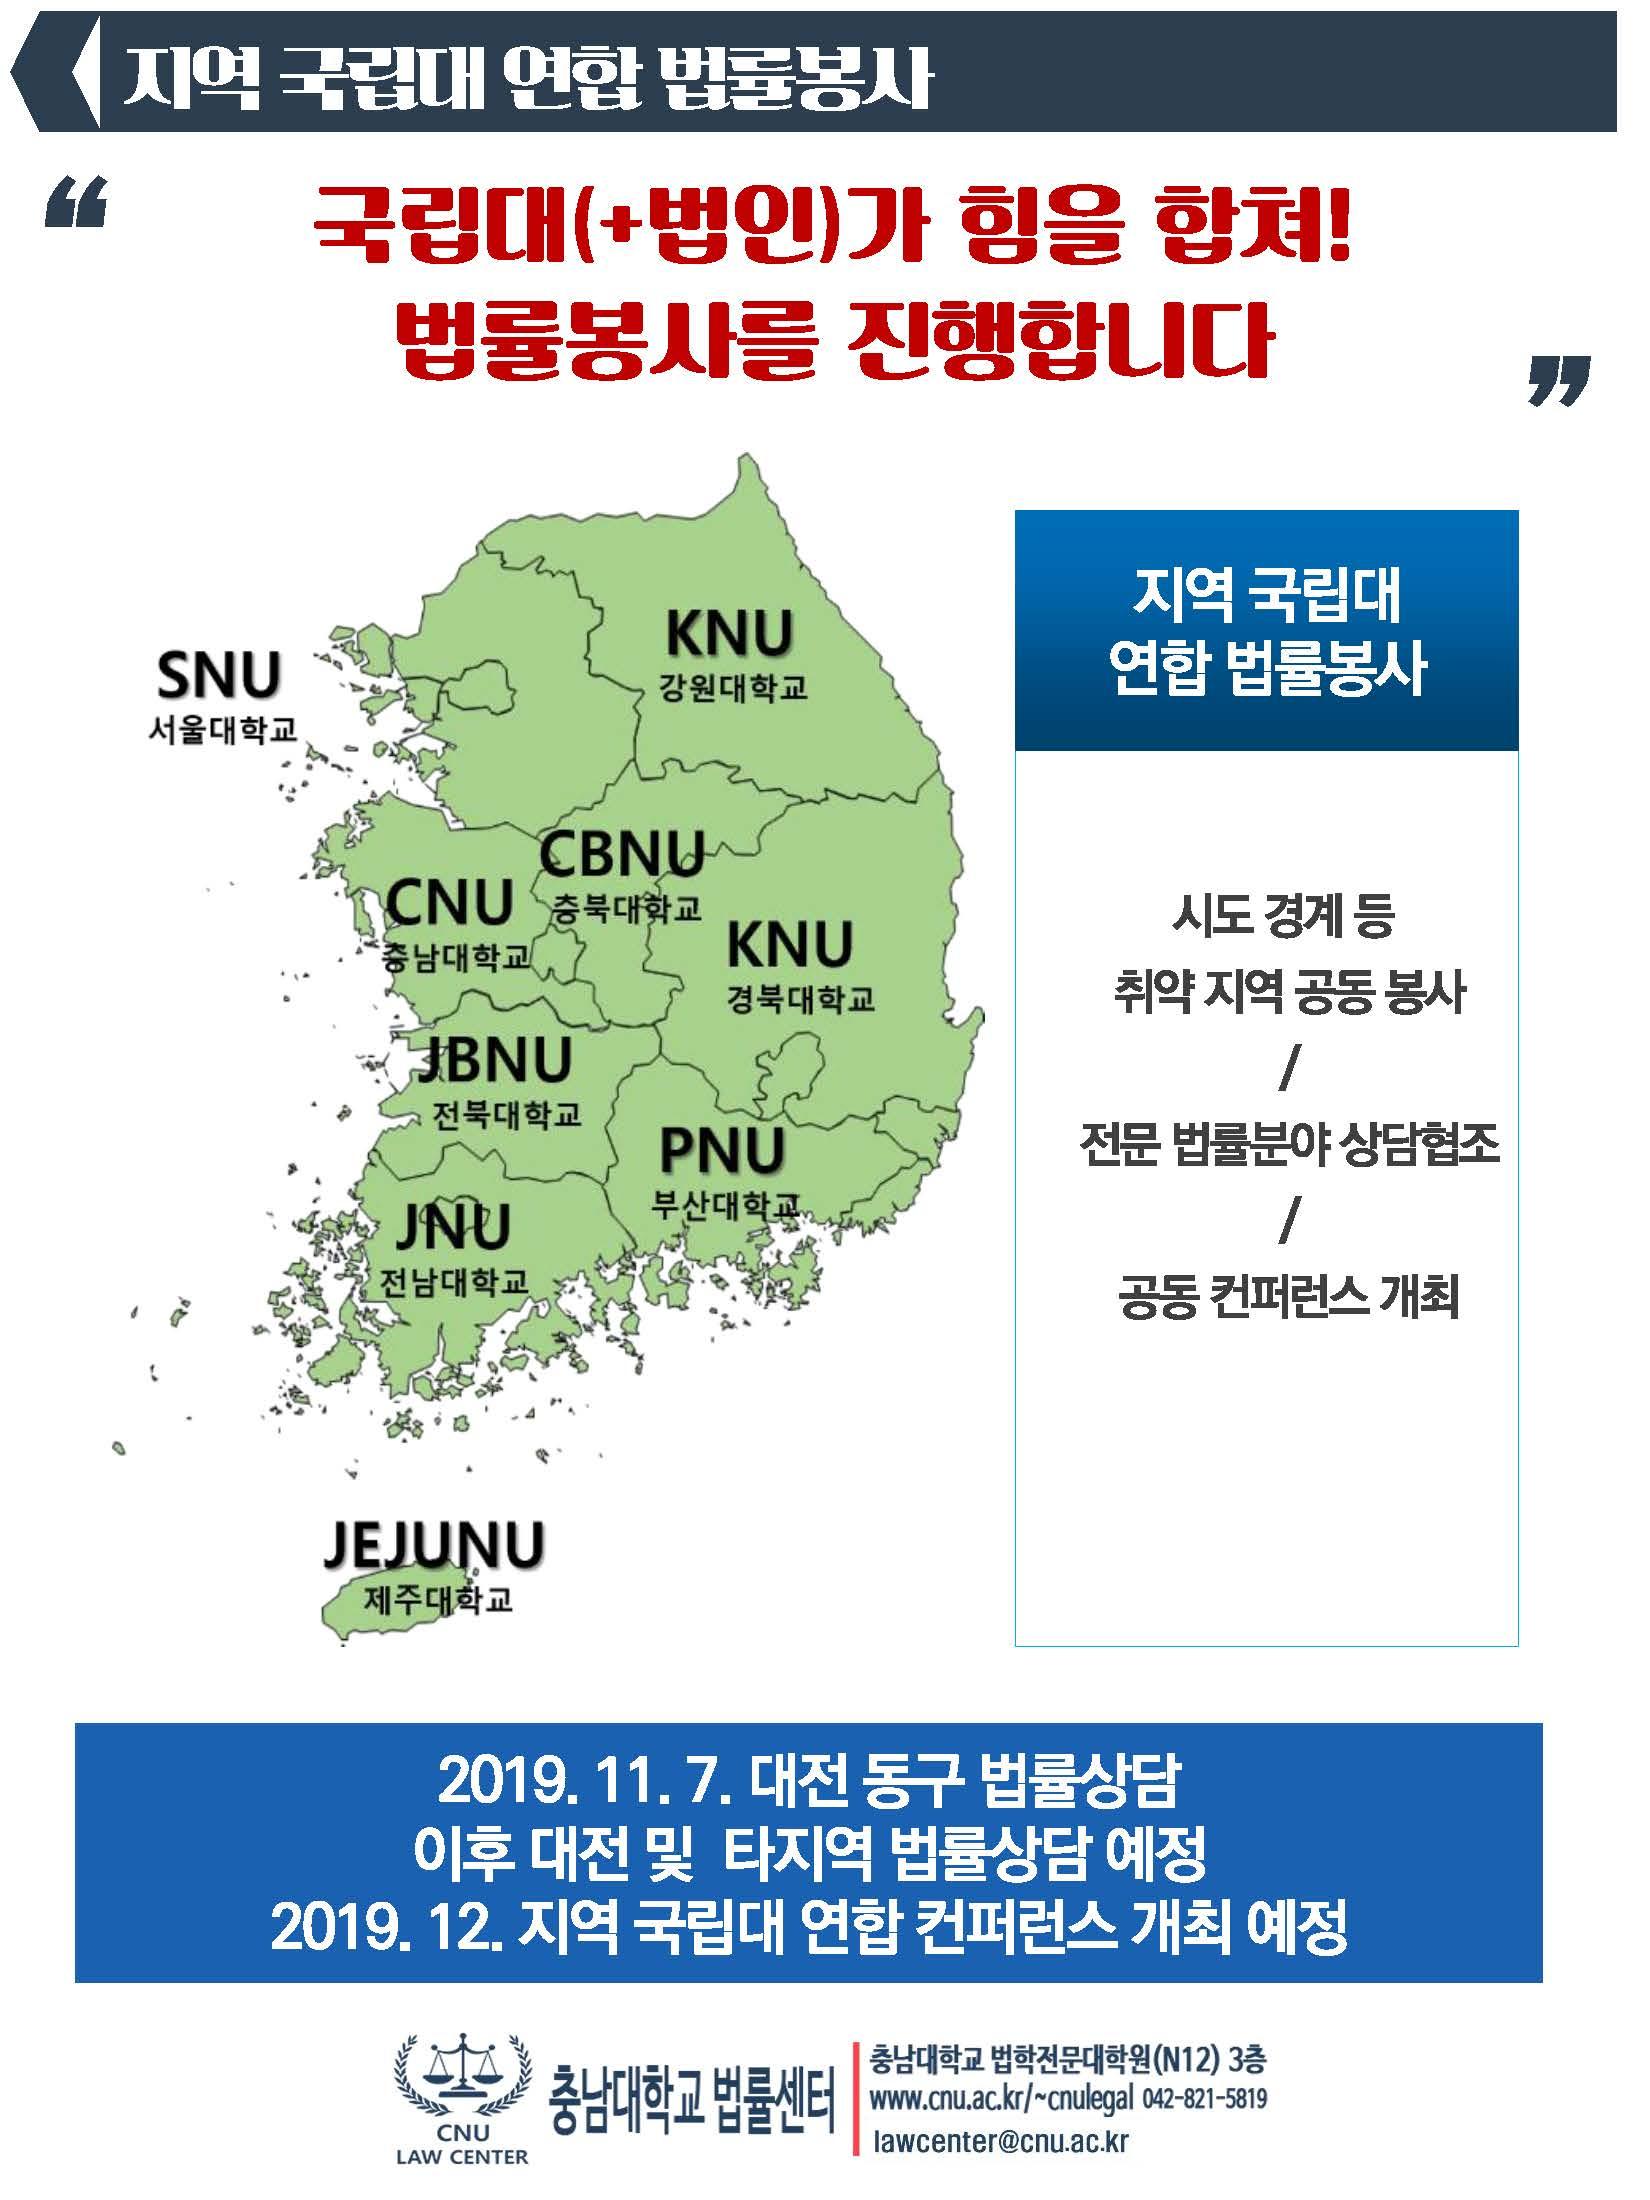 충남대학교 법률센터 홍보자료_페이지_13.jpg